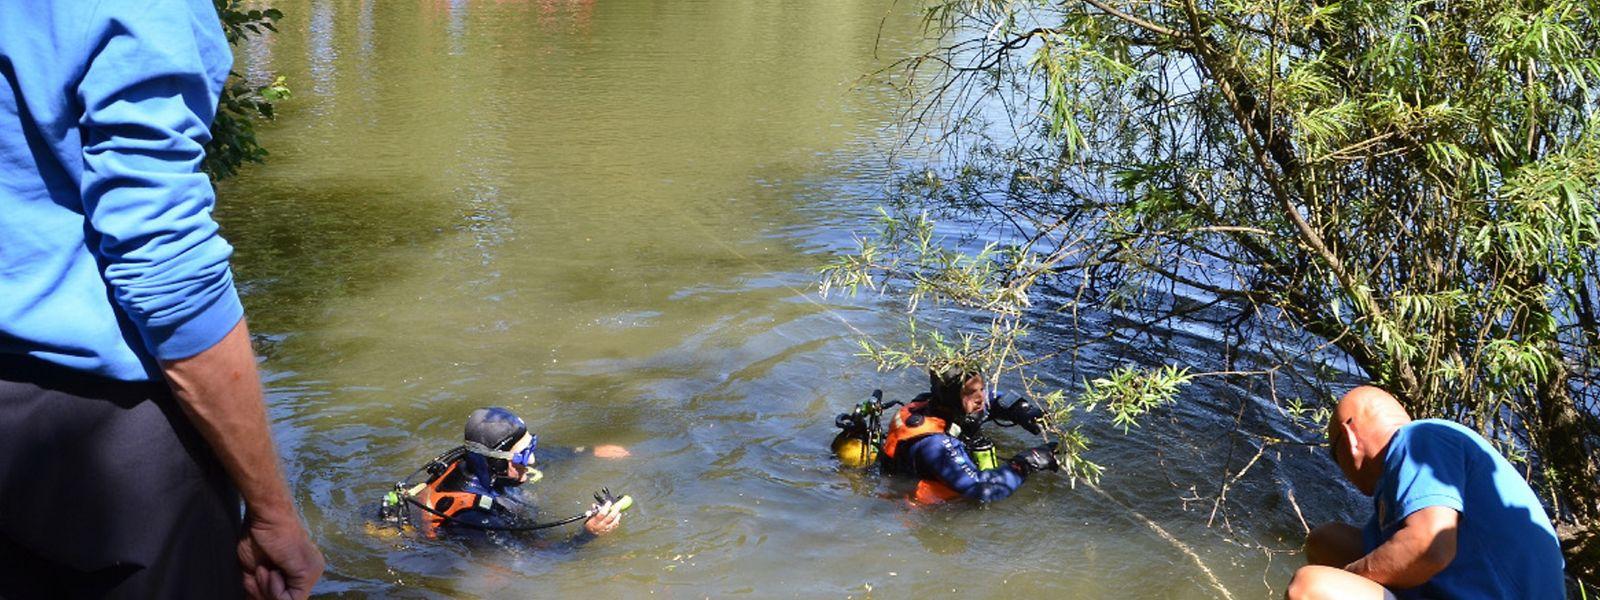 Fünf Wochen lang suchten Polizei und Rettungstaucher den Weiher in Linger nach der Leiche der vermissten Bianka ab. Doch die Suche verlief, genau wie das Abpumpen des Wassers, ergebnislos.